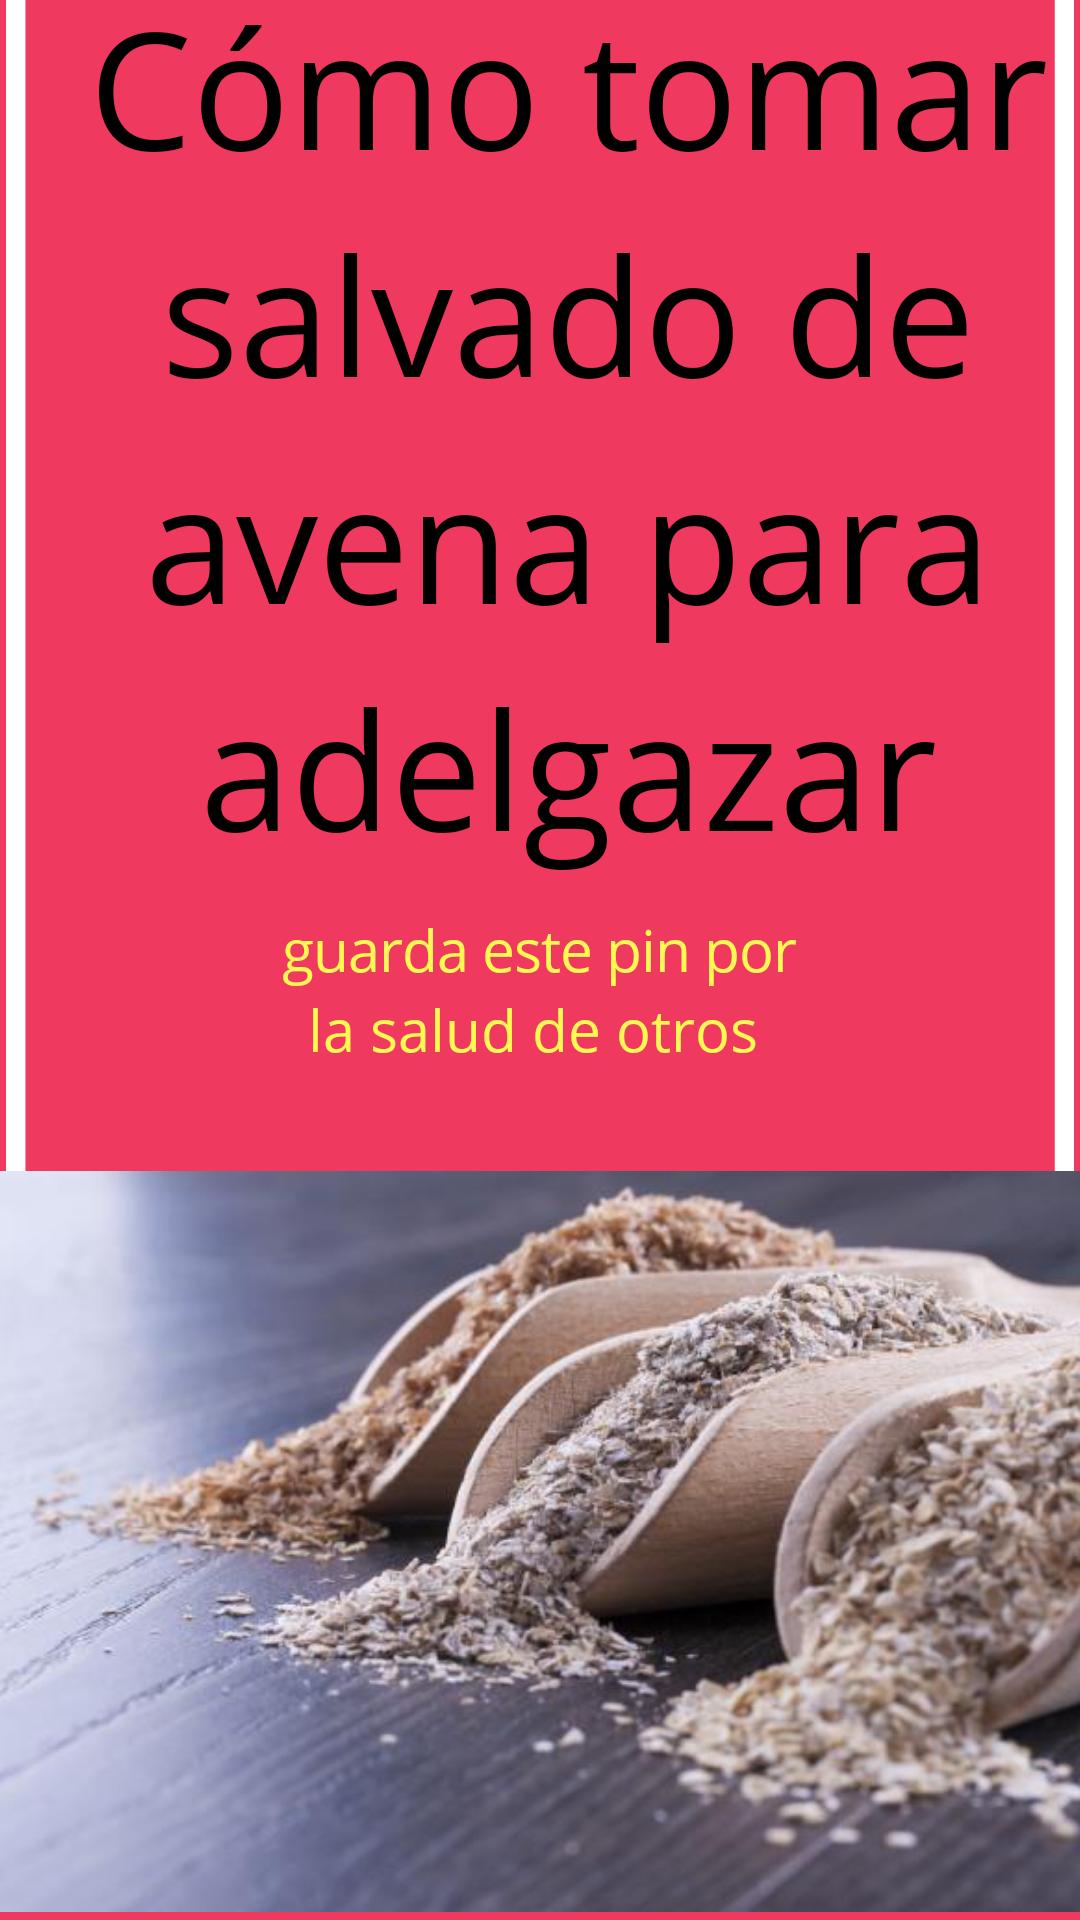 recetas salvado de avena para adelgazar